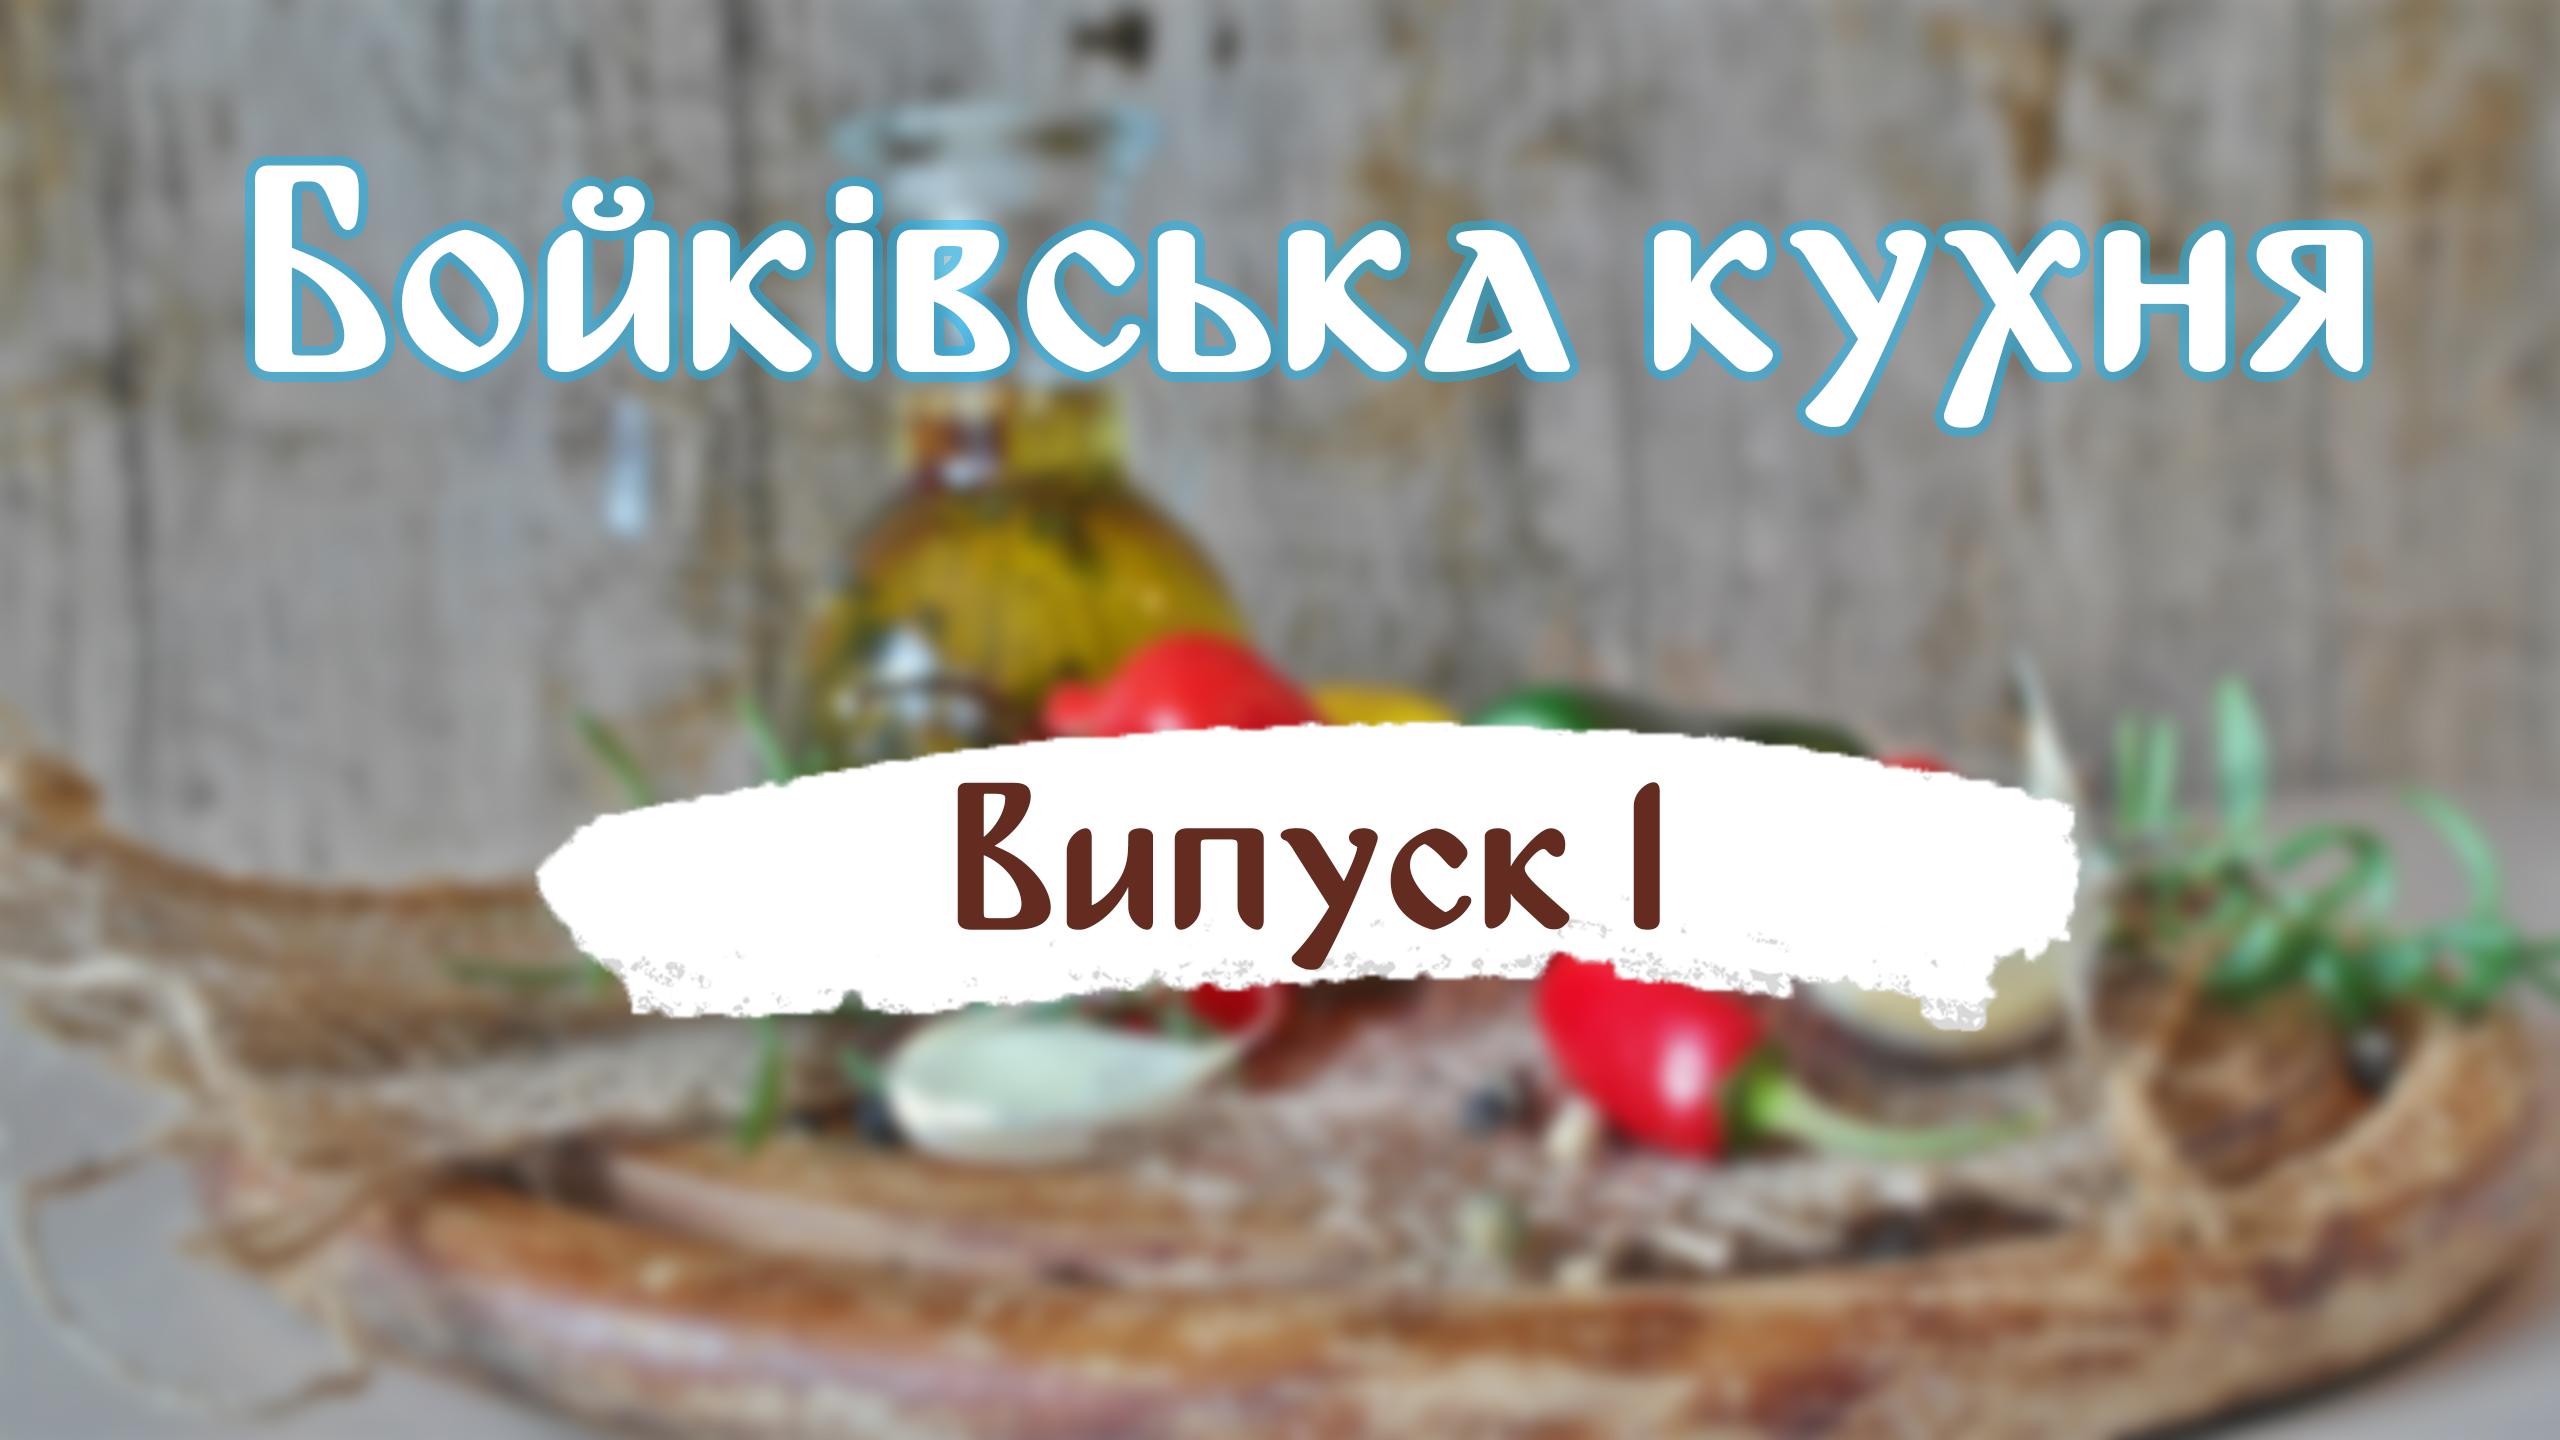 Бойківська кухня. Випуск 1. Квашений борщ.